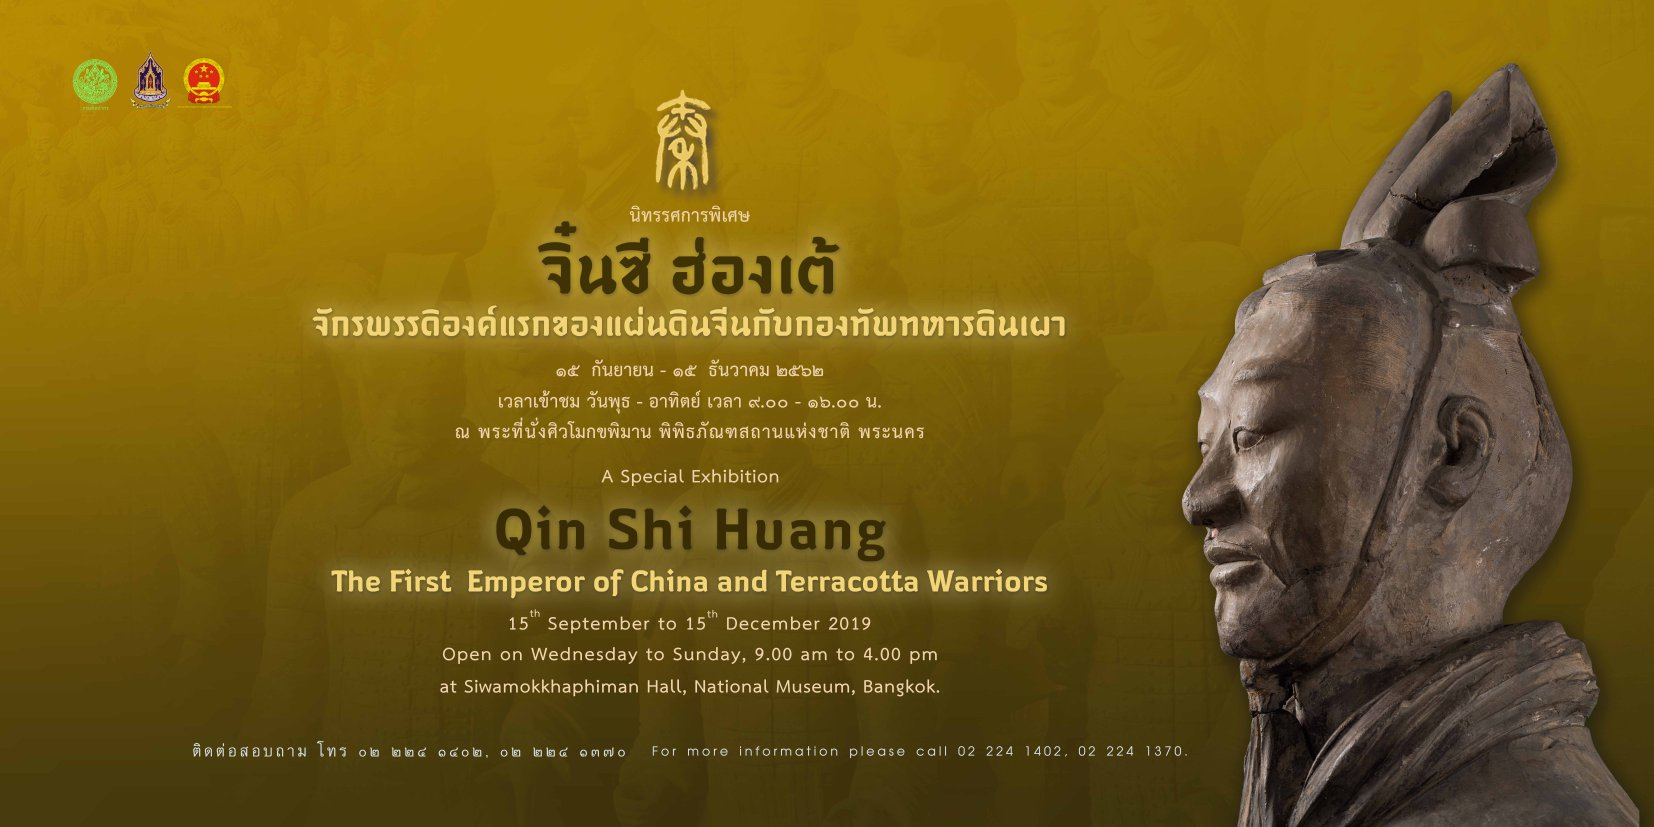 กรมศิลปากร เชิญชมนิทรรศการพิเศษ จิ๋นซีฮ่องเต้ เริ่ม 15 ก.ย. นี้